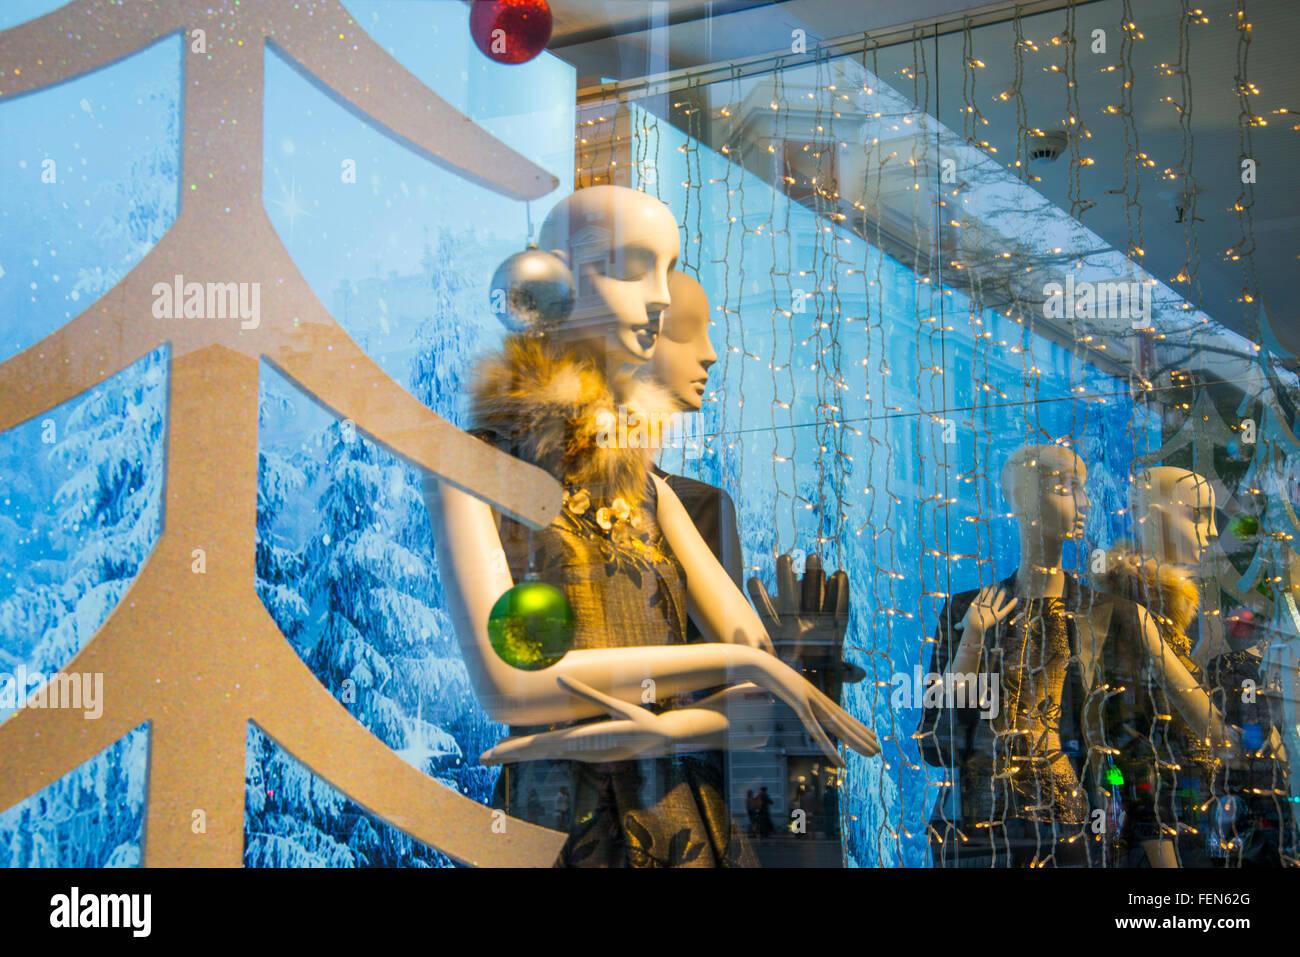 Maniquíes en un escaparate de Navidad. El Corte Ingles, Madrid, España. Imagen De Stock